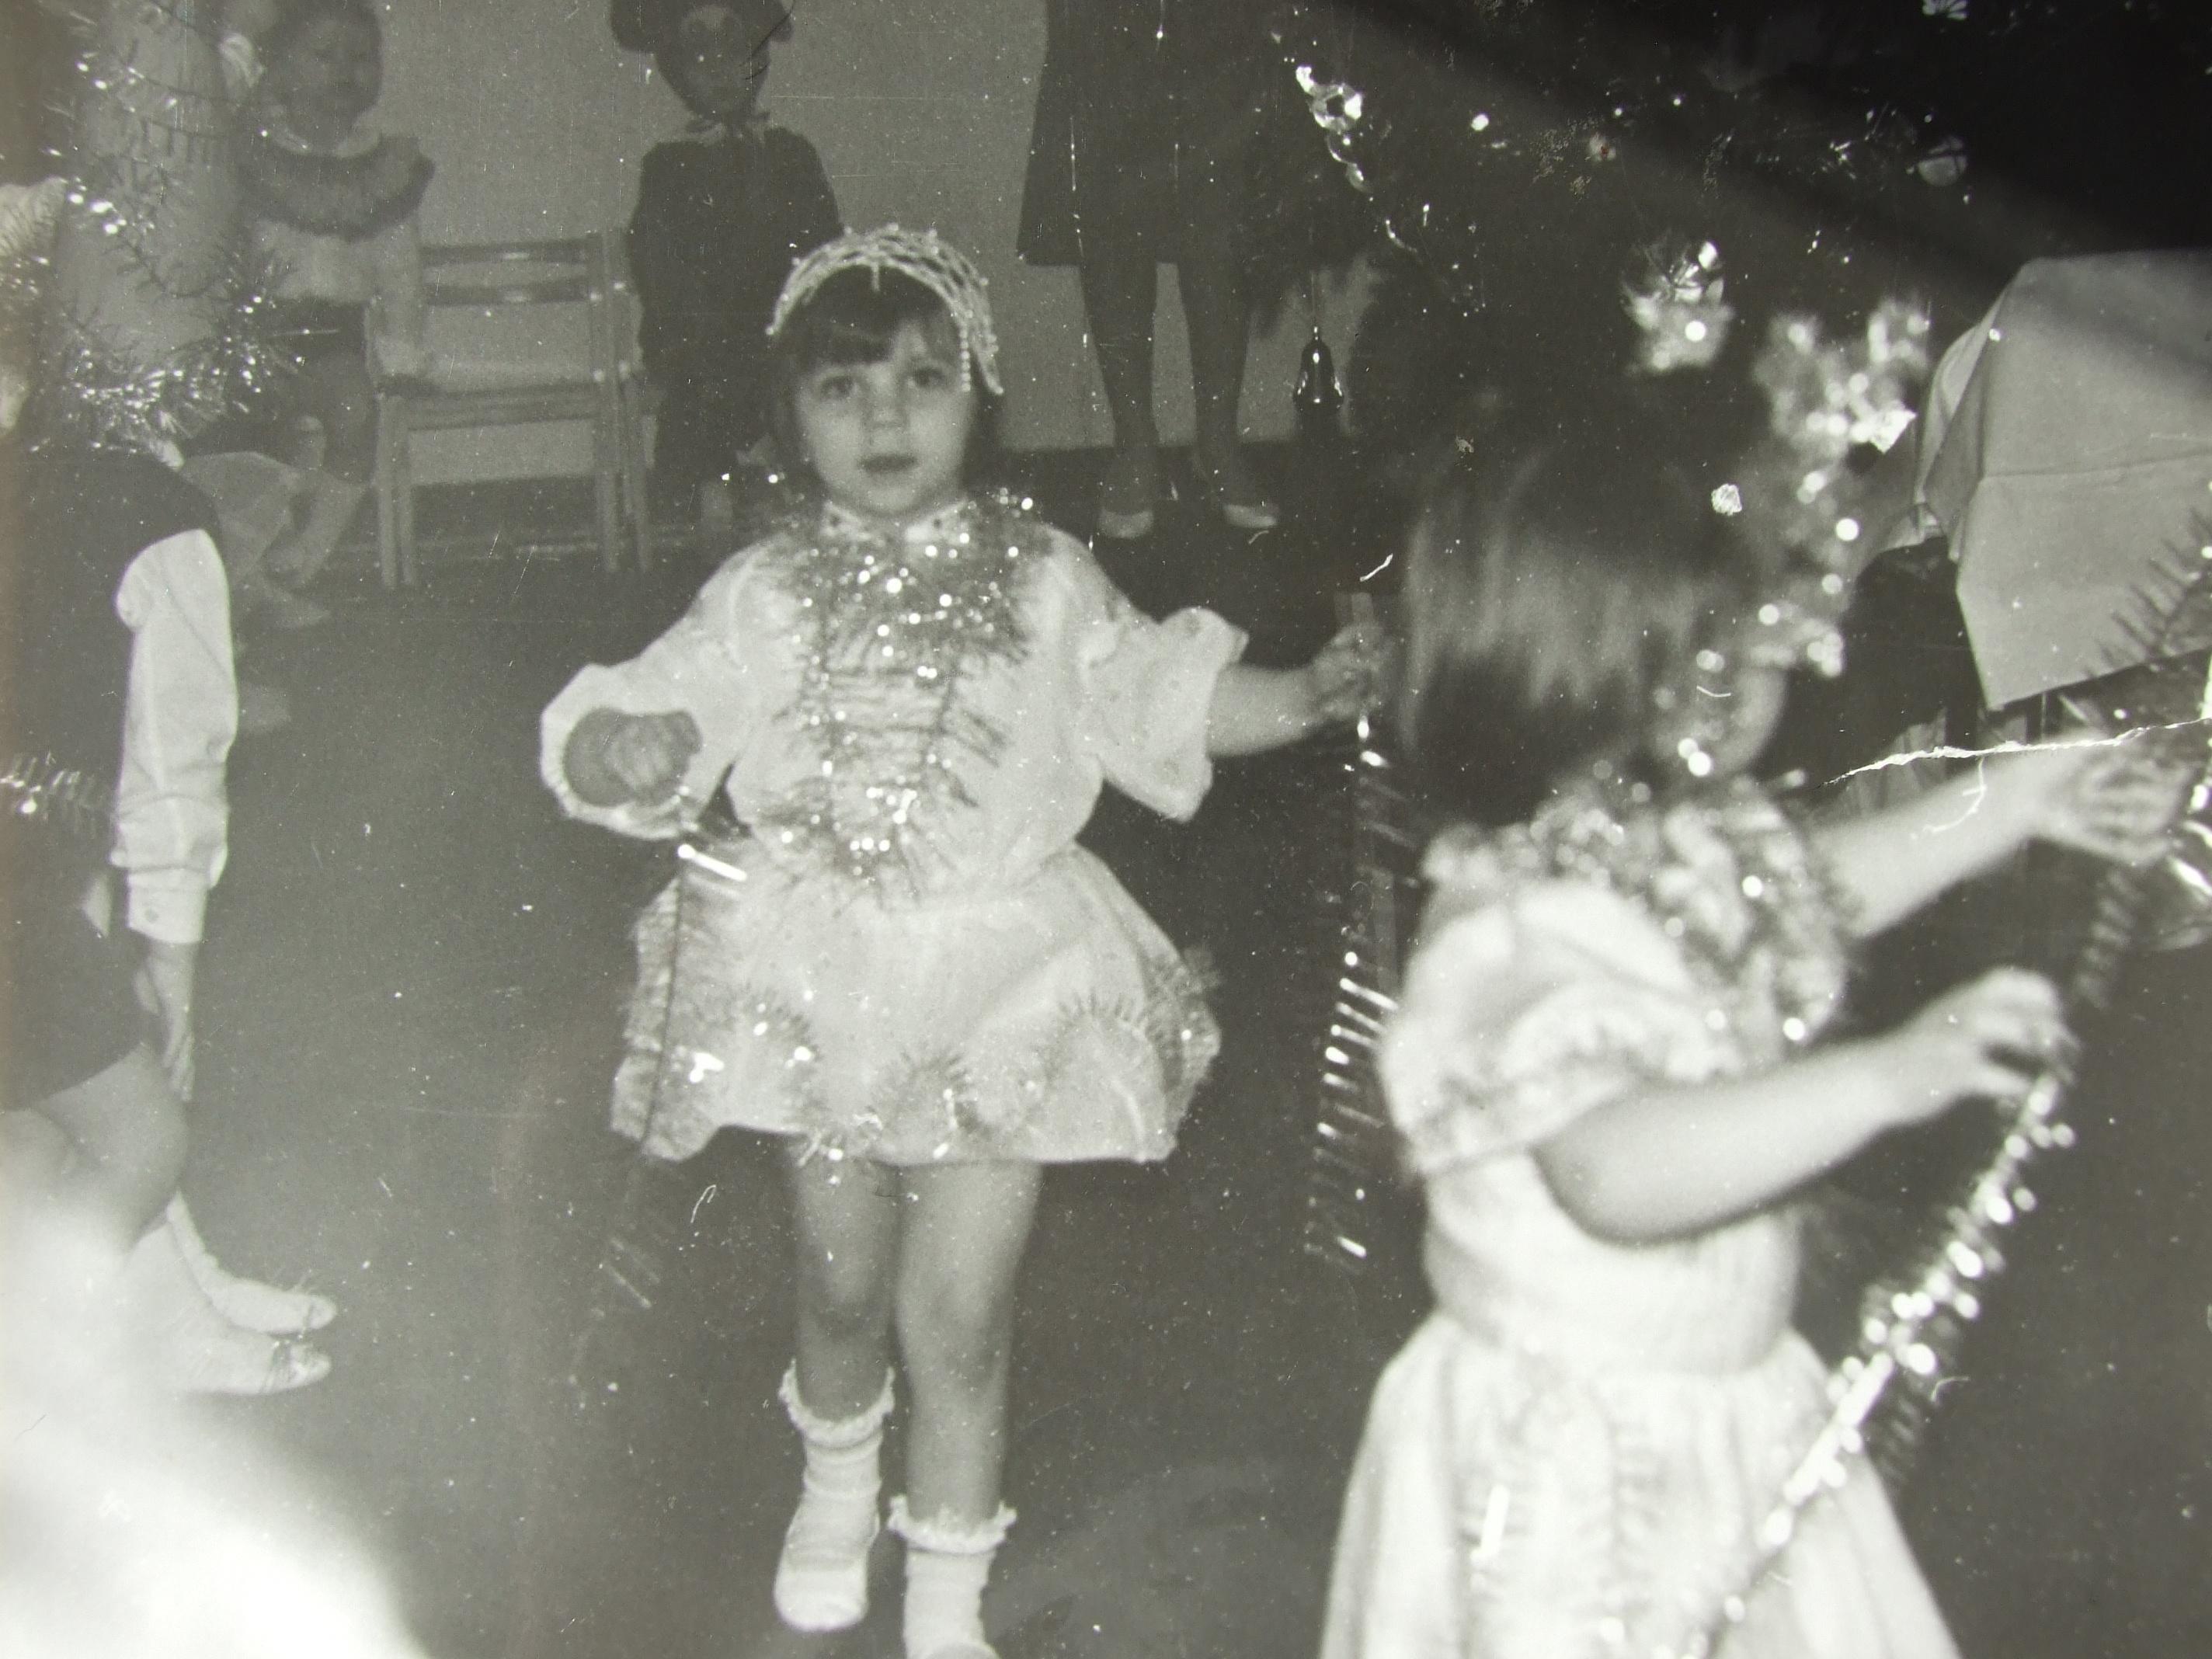 אלקס ריף, אז בת חמש בחגיגות הנובי גוד בגן הילדים, בו הייתה מחופשת לפתית שלג